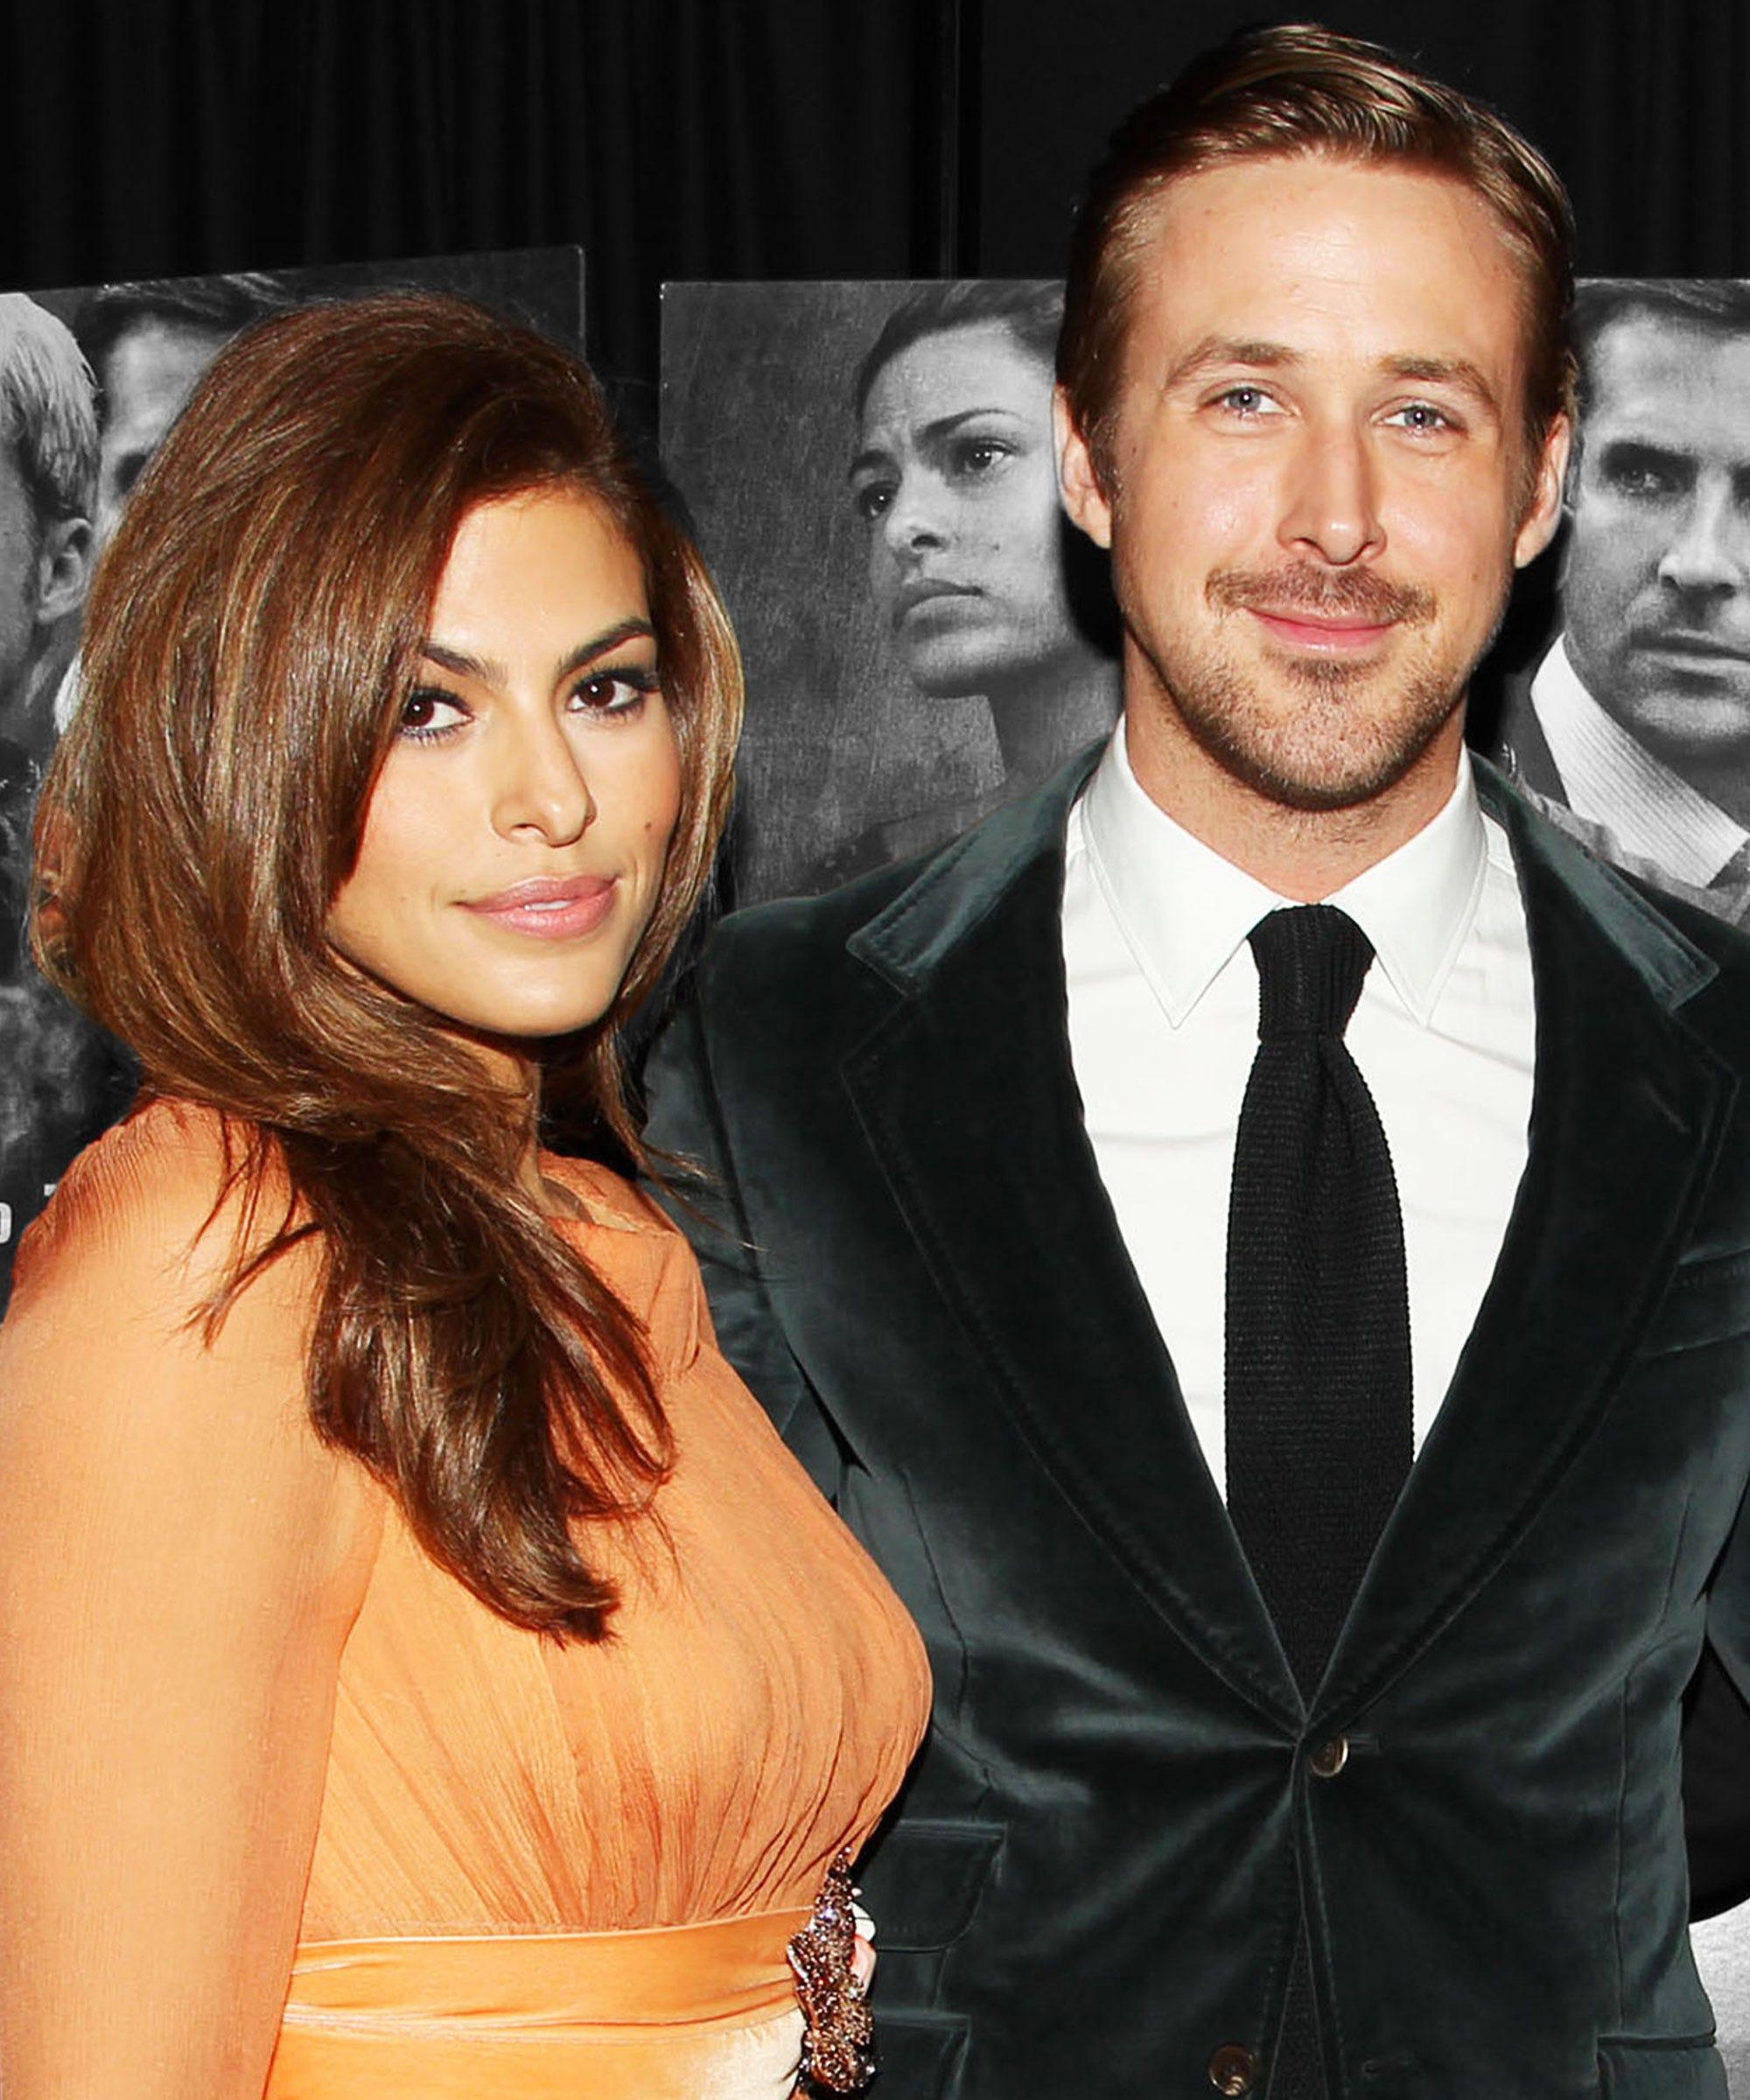 Eva Mendes Didn't Want Kids Until She Met Ryan Gosling